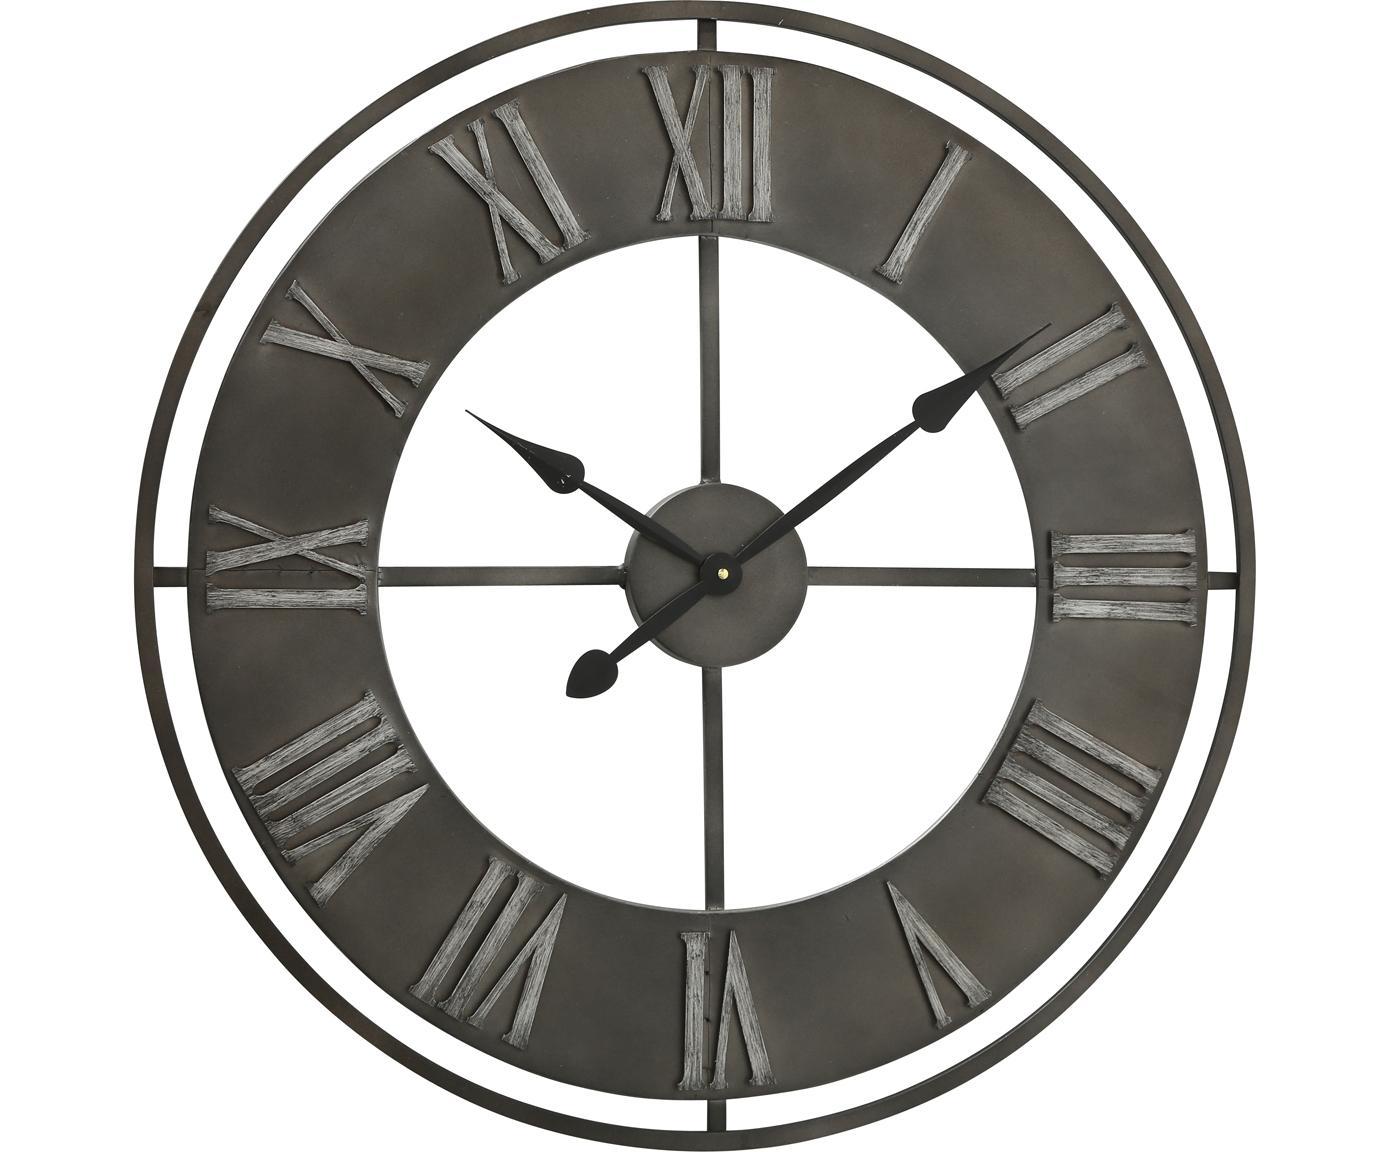 Zegar ścienny Duro, Metal powlekany, Ciemnyszary, Ø 78 cm